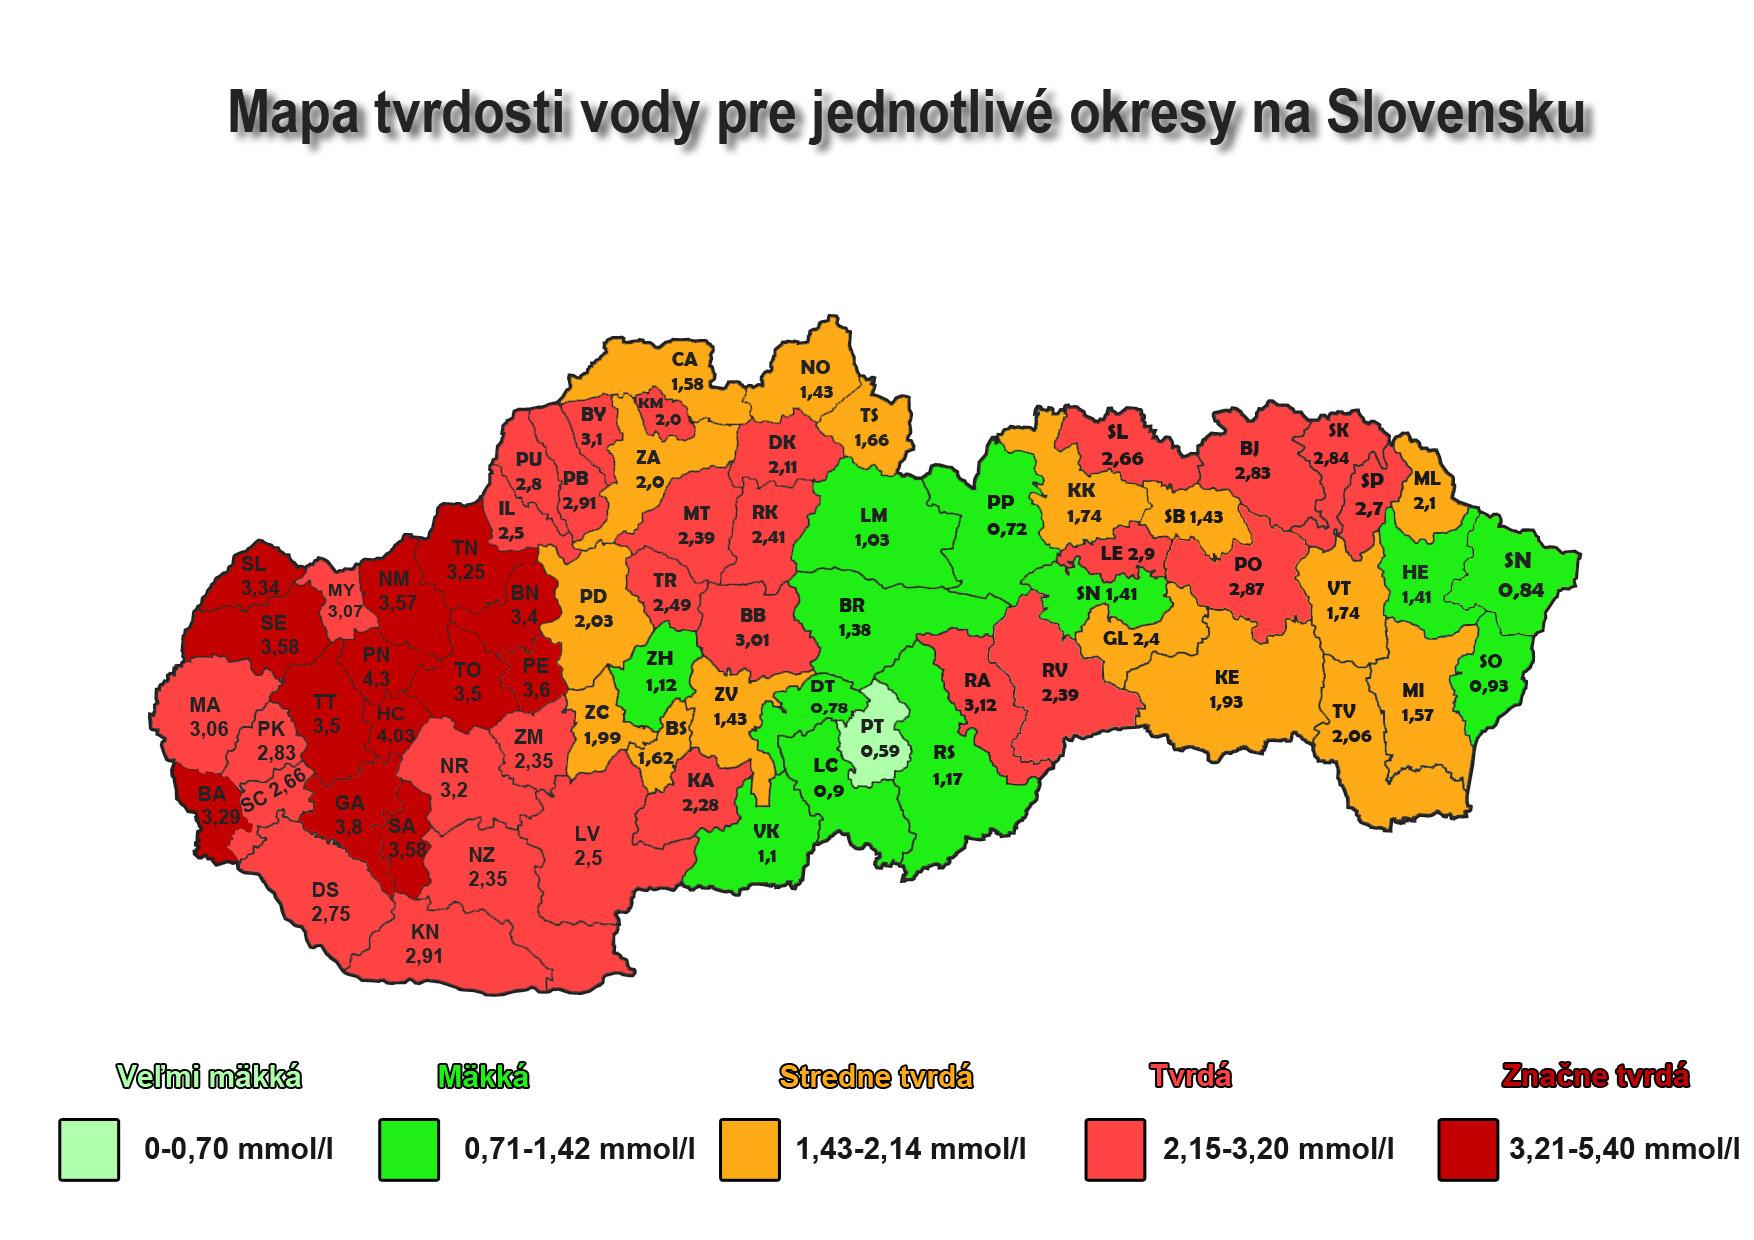 Mapa zobrazuúca tvrdosť vody na Slovensku podľa jednotlivých regiónov